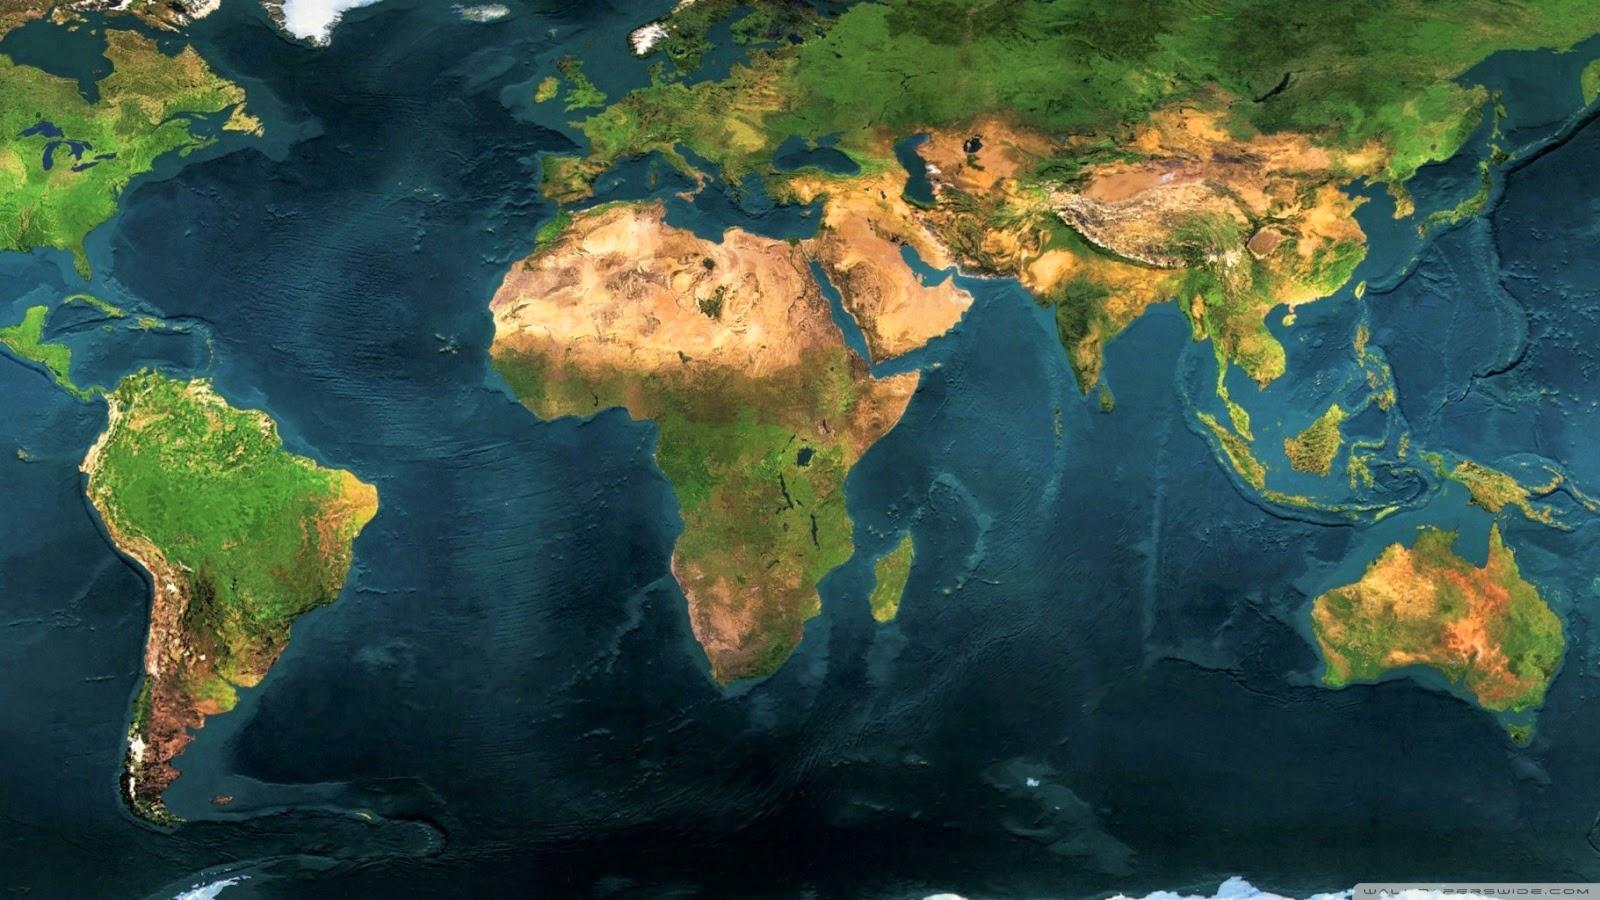 World Map Wallpaper 1600x900